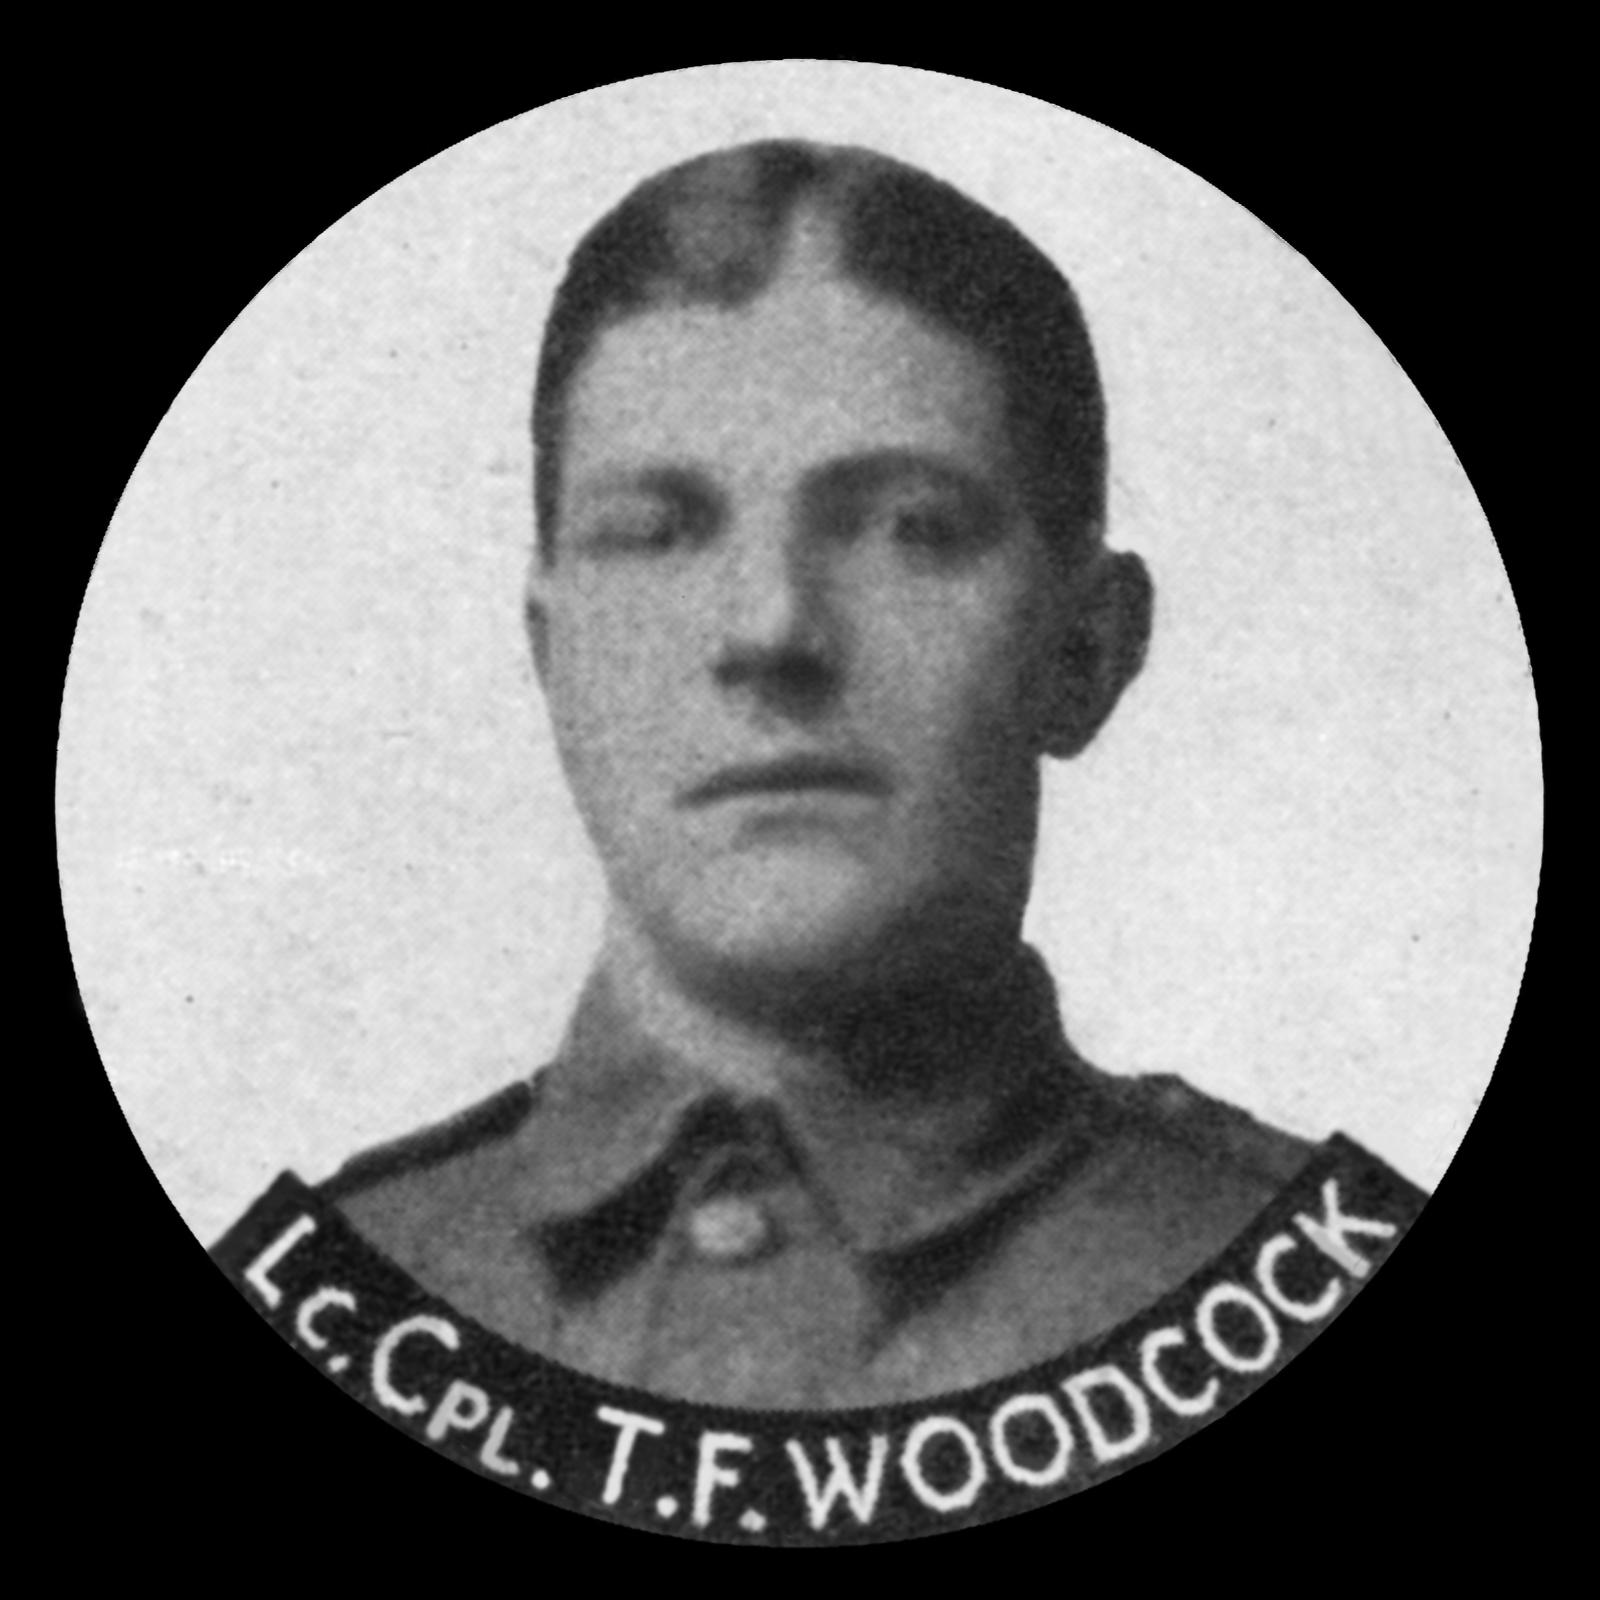 WOODCOCK Thomas Frederick